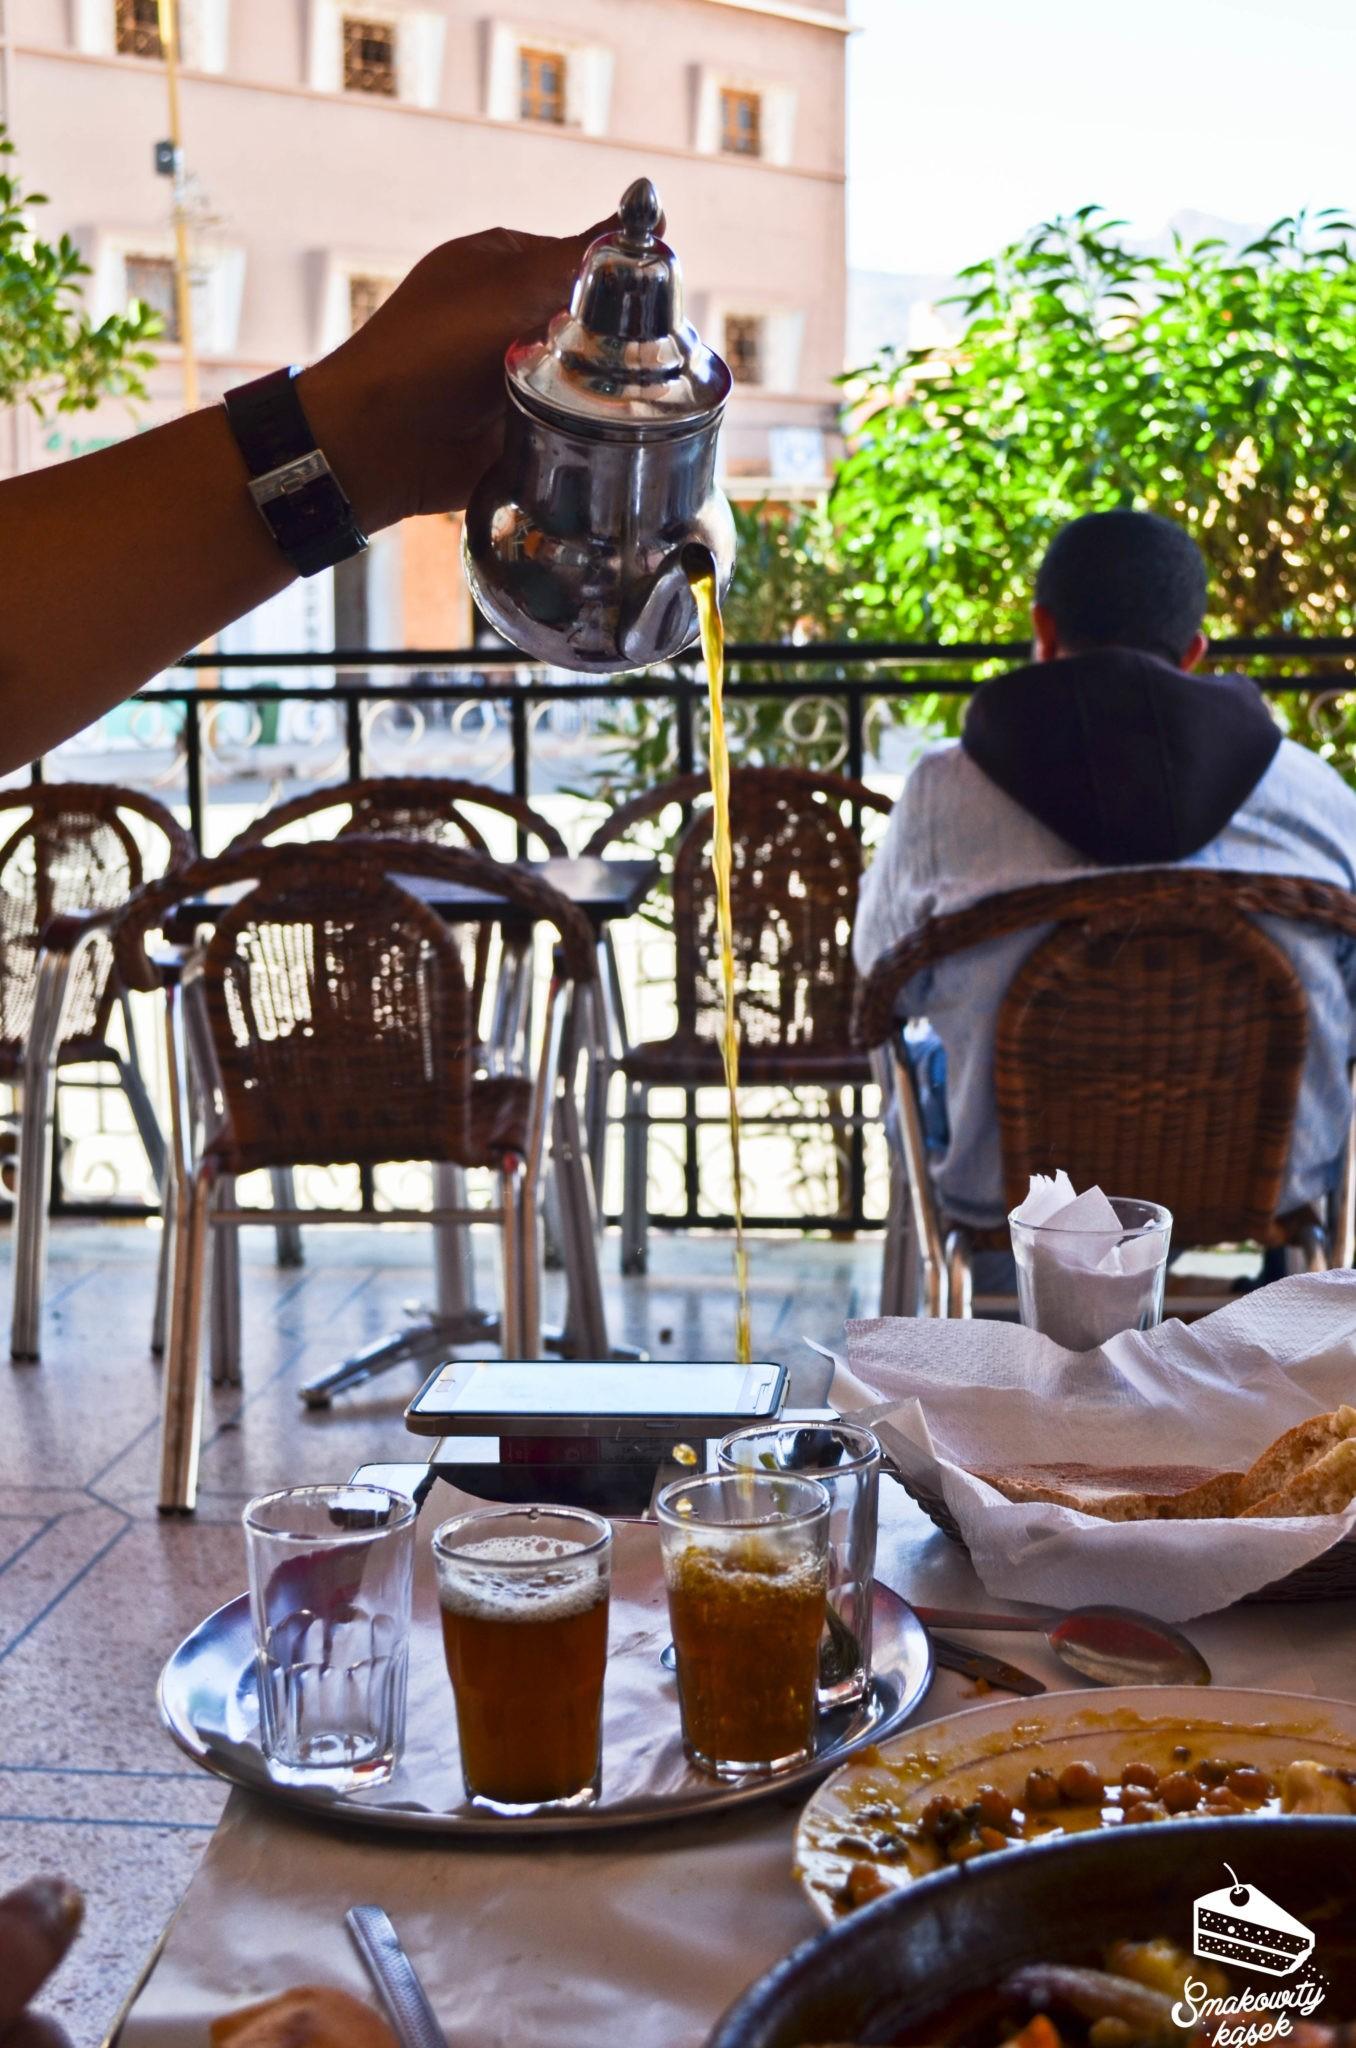 marokanskie jedzenie (1 of 1)-12